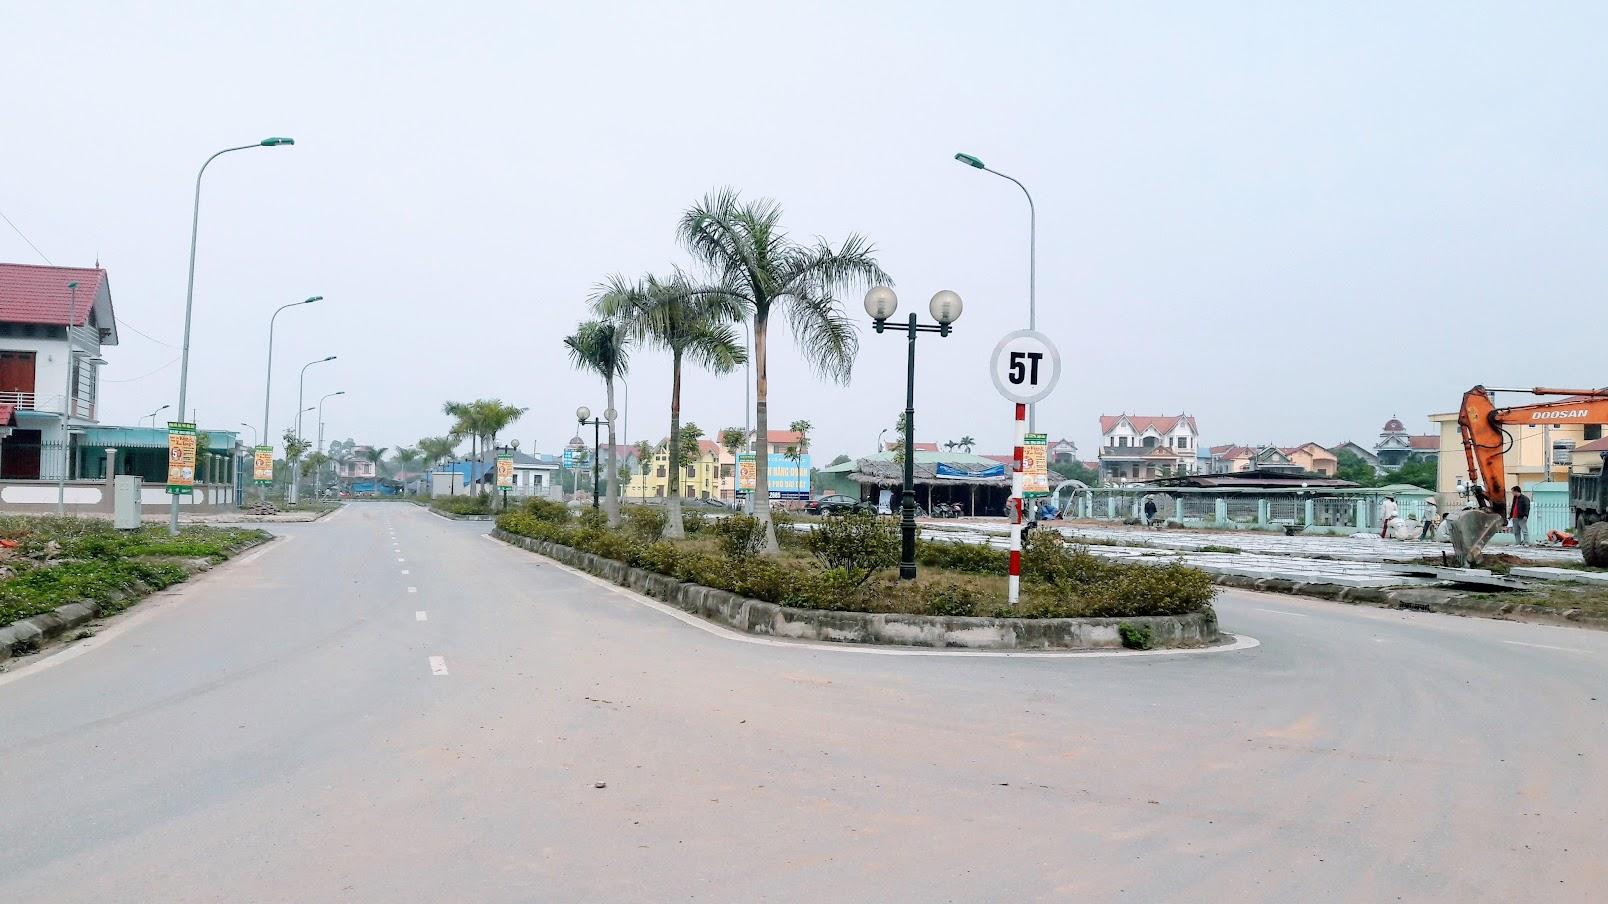 Mở bán đất Khu dân cư Phú Đại Cát Phổ Yên cạnh nhà máy Z131 Phổ Yên